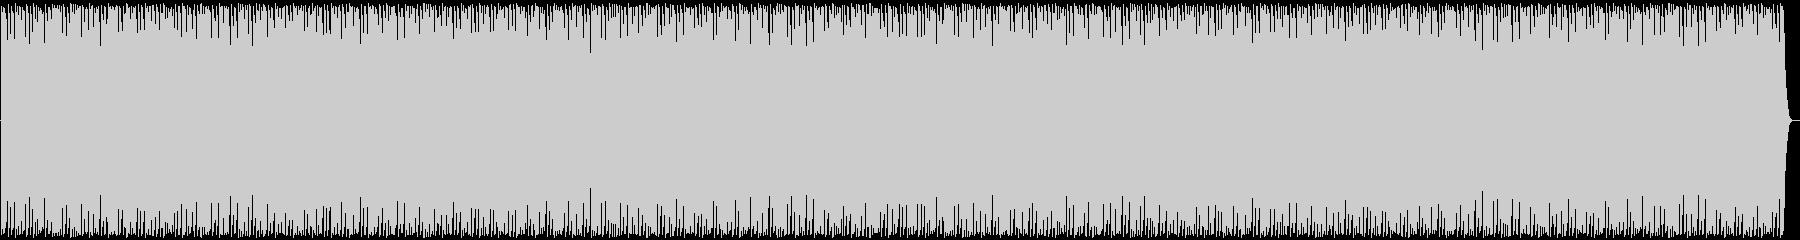 抑えめのフリースタイルビートの未再生の波形